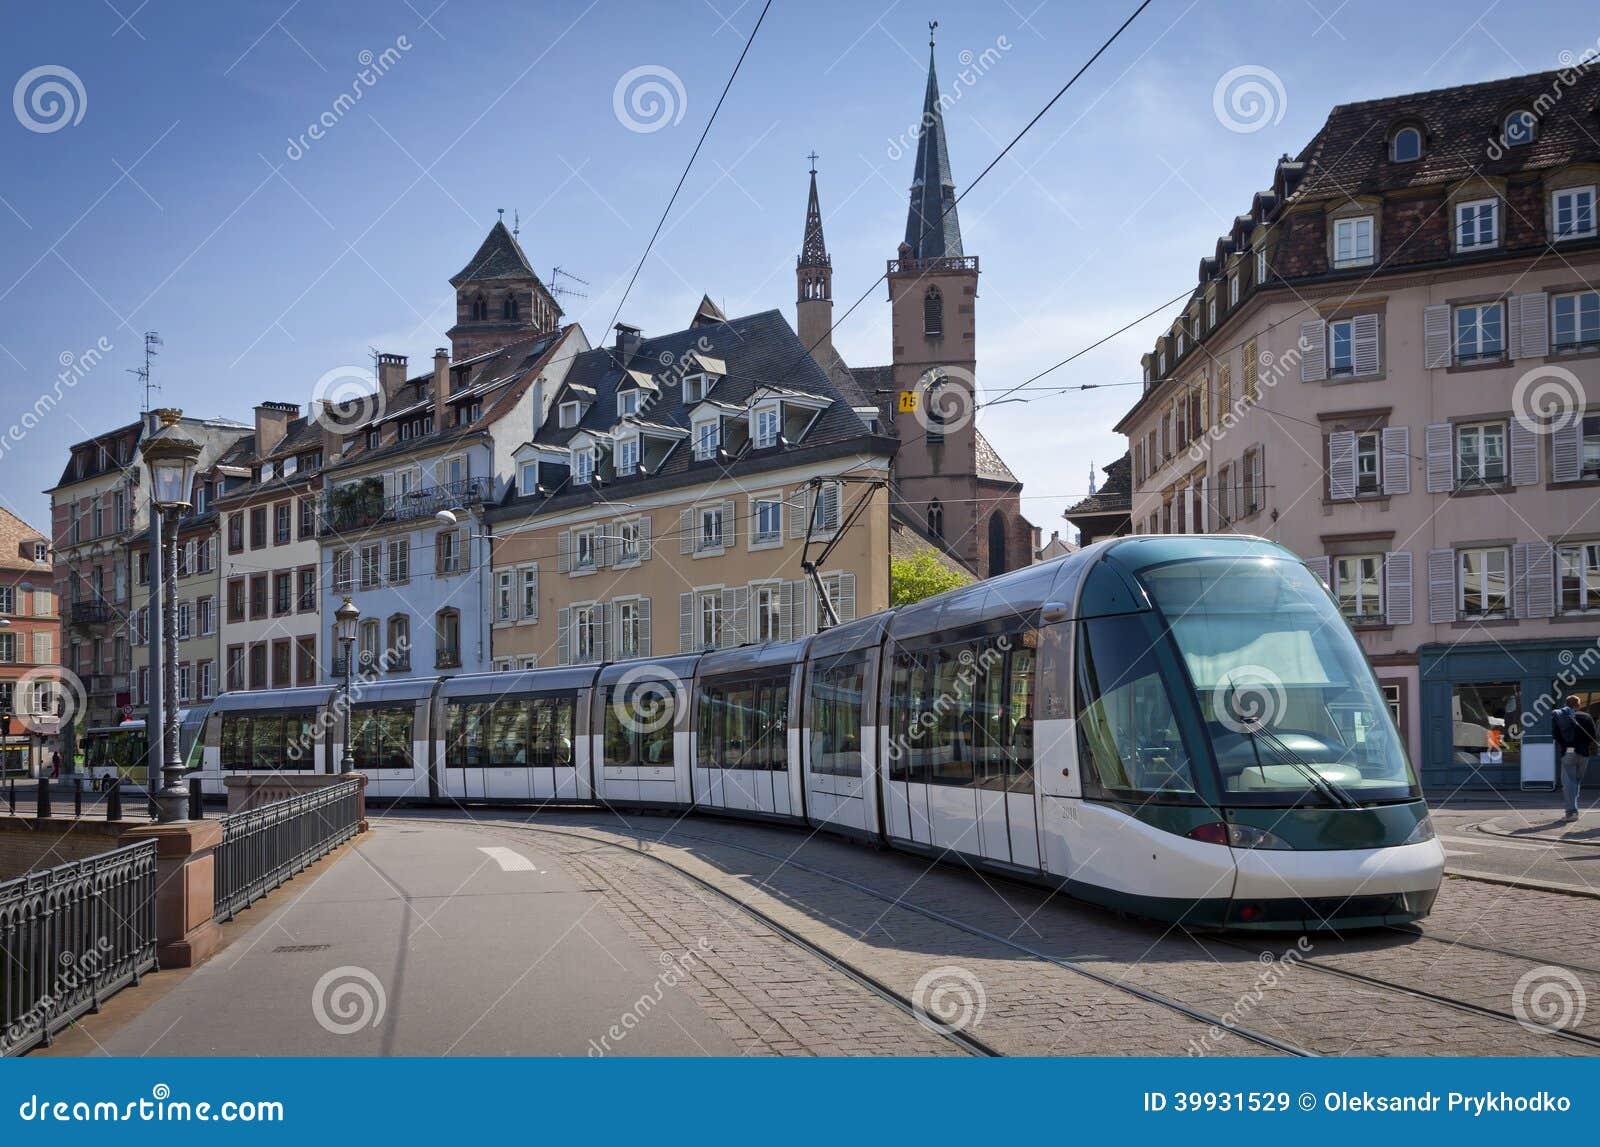 在史特拉斯堡,法国街道上的现代电车